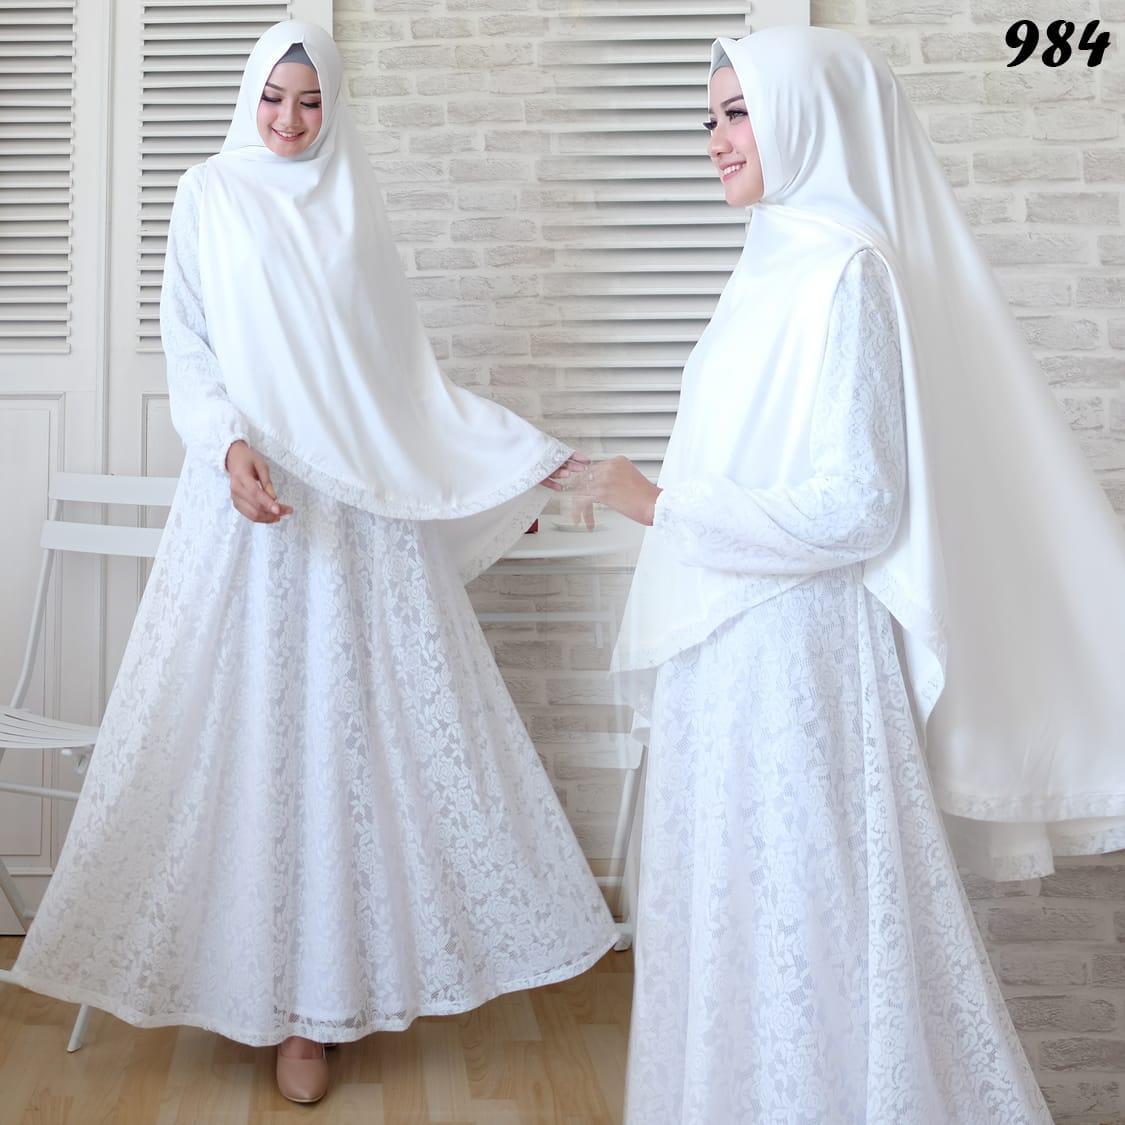 Baju Gamis Brokat Putih 984 Butik Jingga